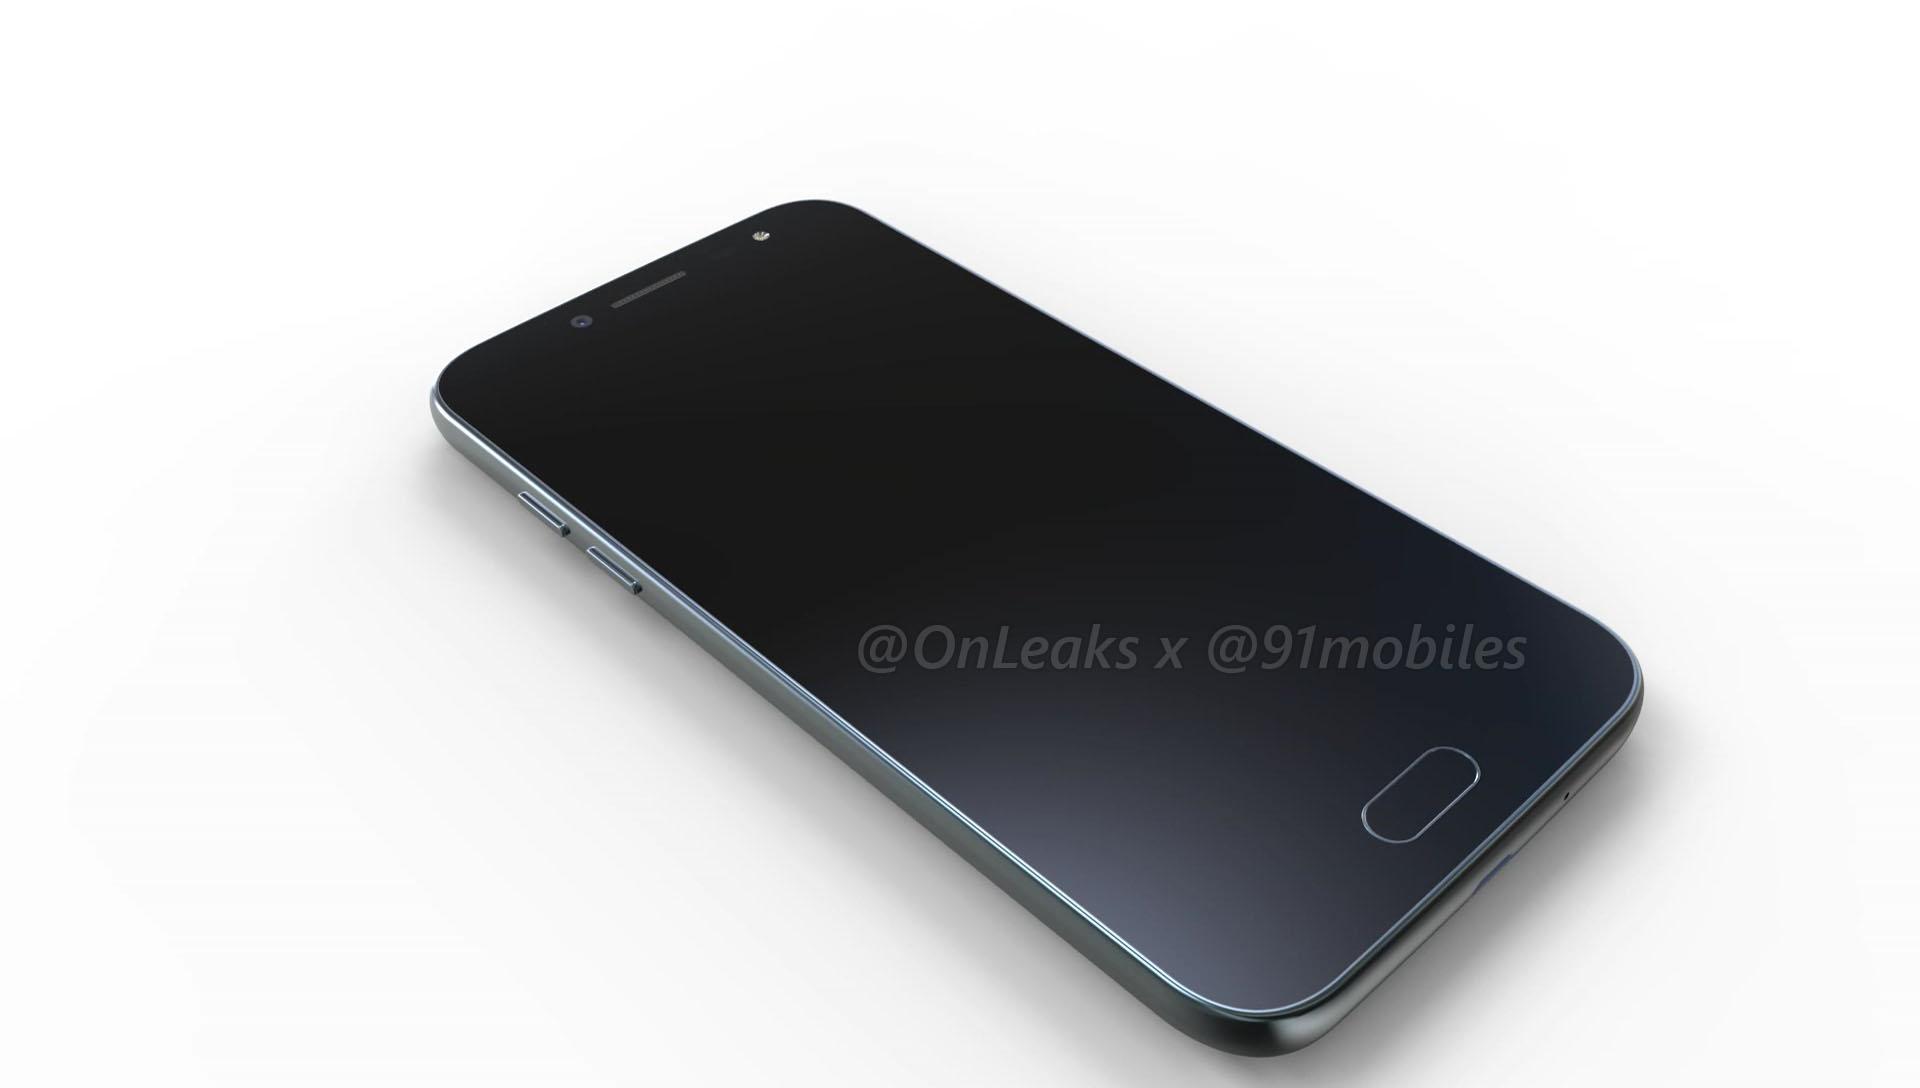 Nákresy zobrazuj telefon o rozměrech 143 1 x 72 2 x 8 6 mm do kterého zřejmě nasad 5palcov½ displej s rozliÅ¡enm 1 280 x 720 pixelů